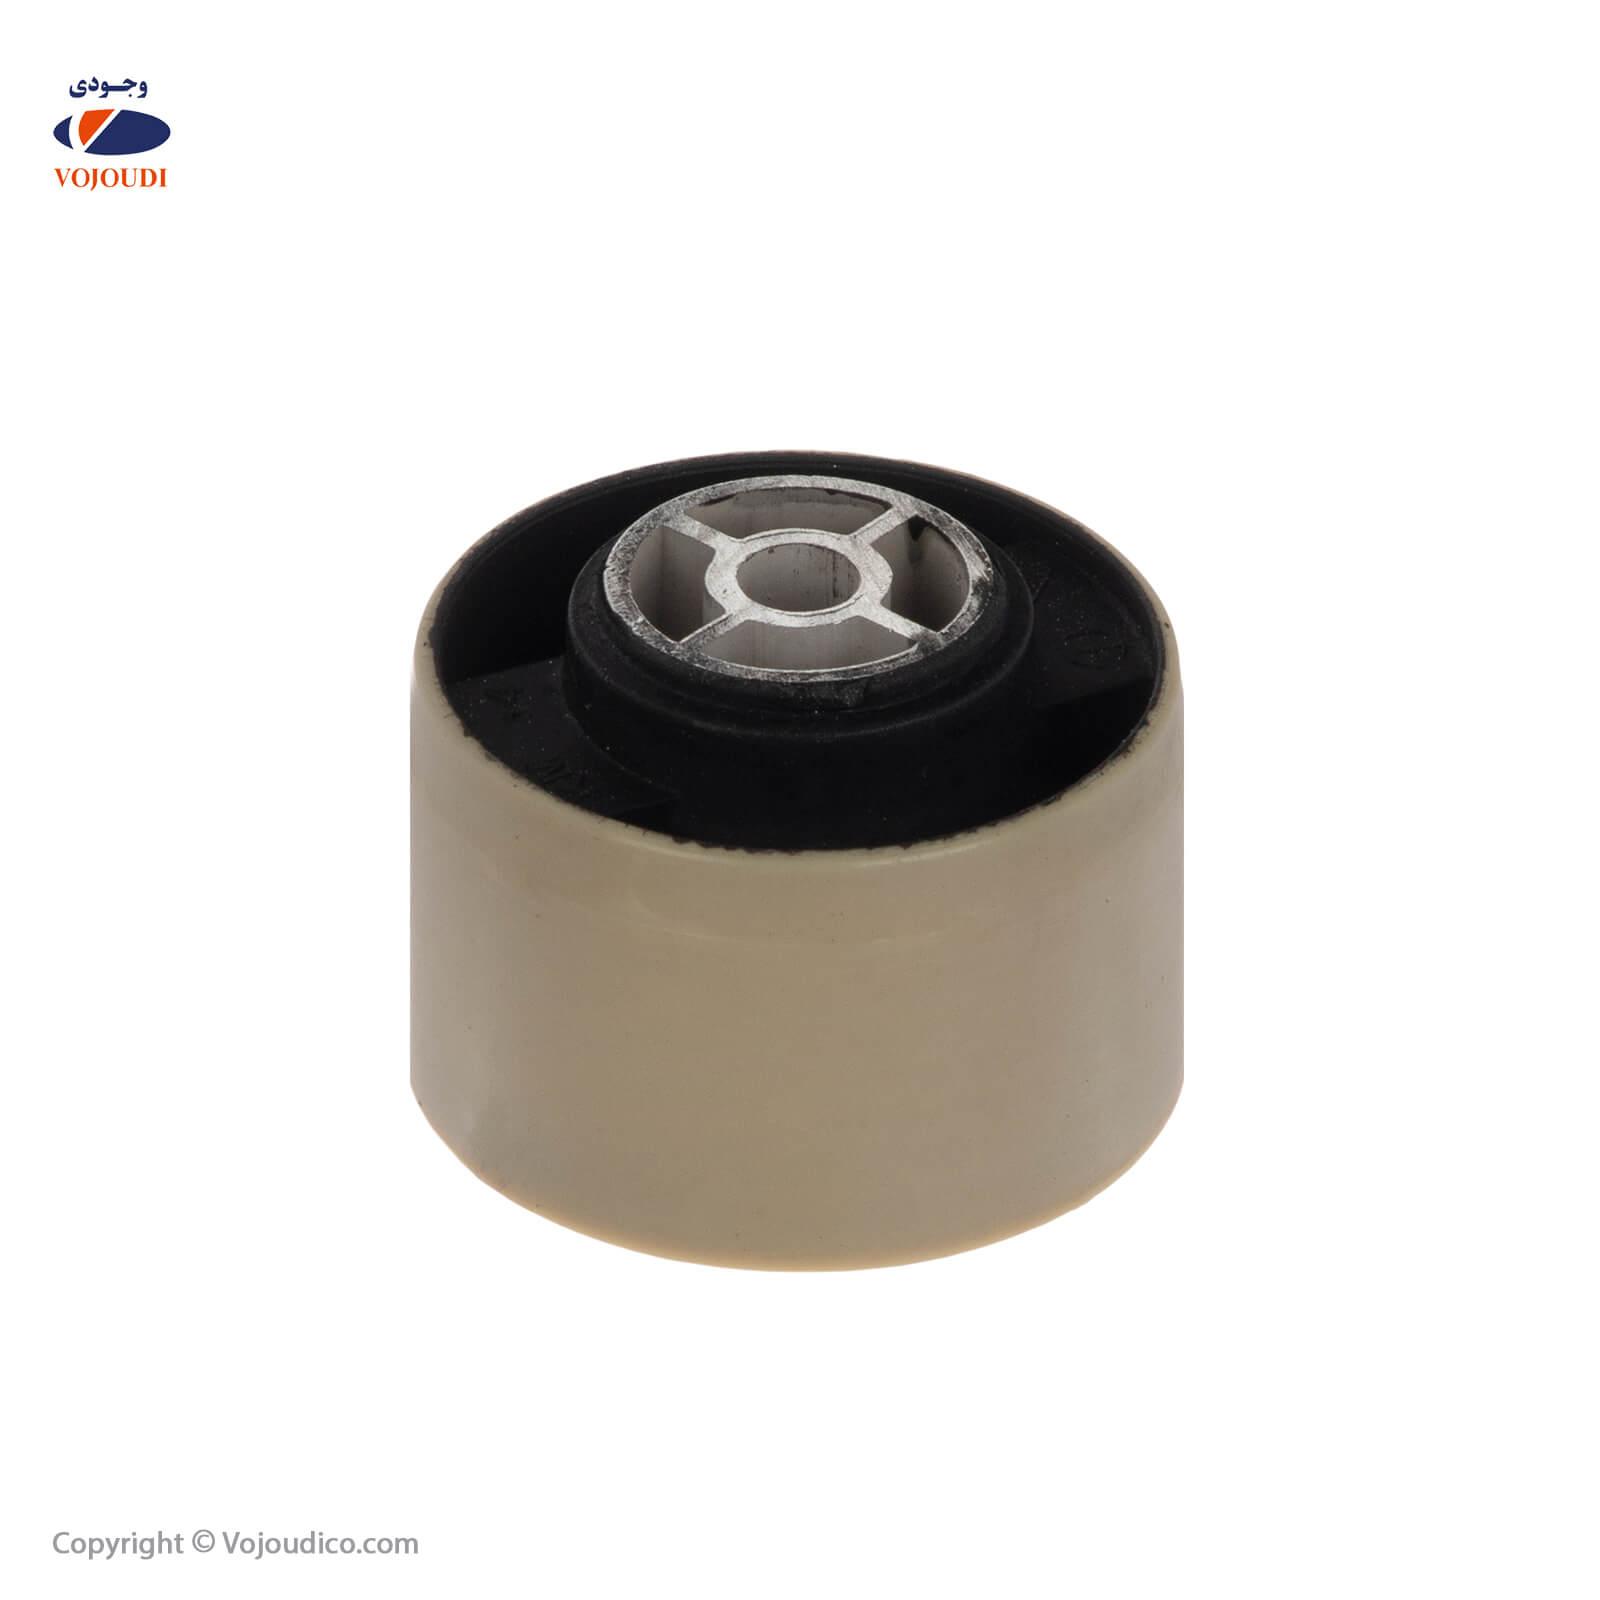 3707 1 - دسته موتور گرد کائوچوئی وجودی کد 3707 مناسب برای 206